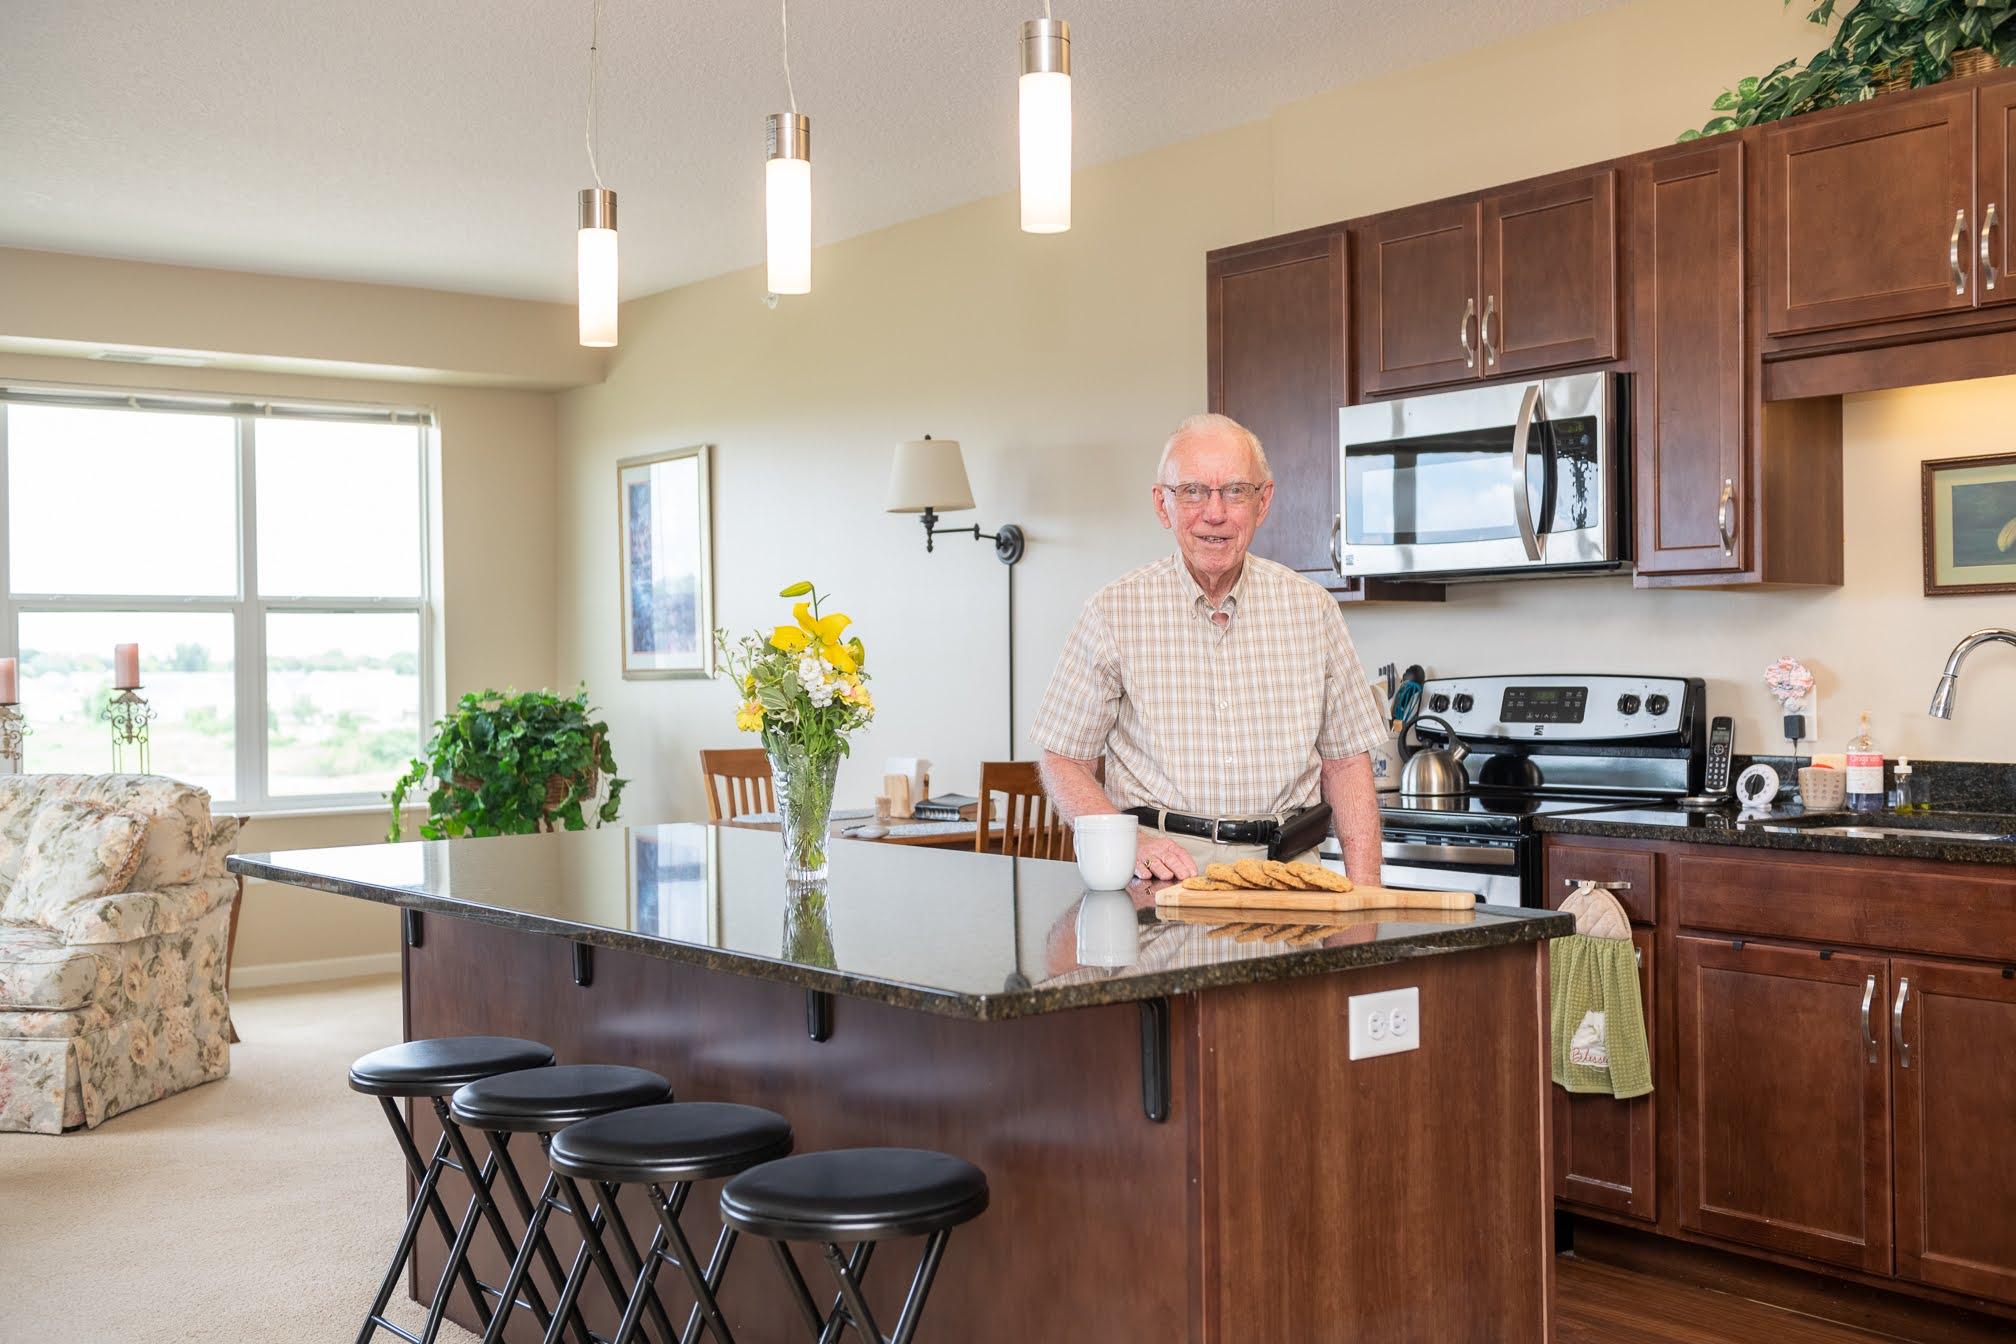 SilverCreek Kitchen Layout